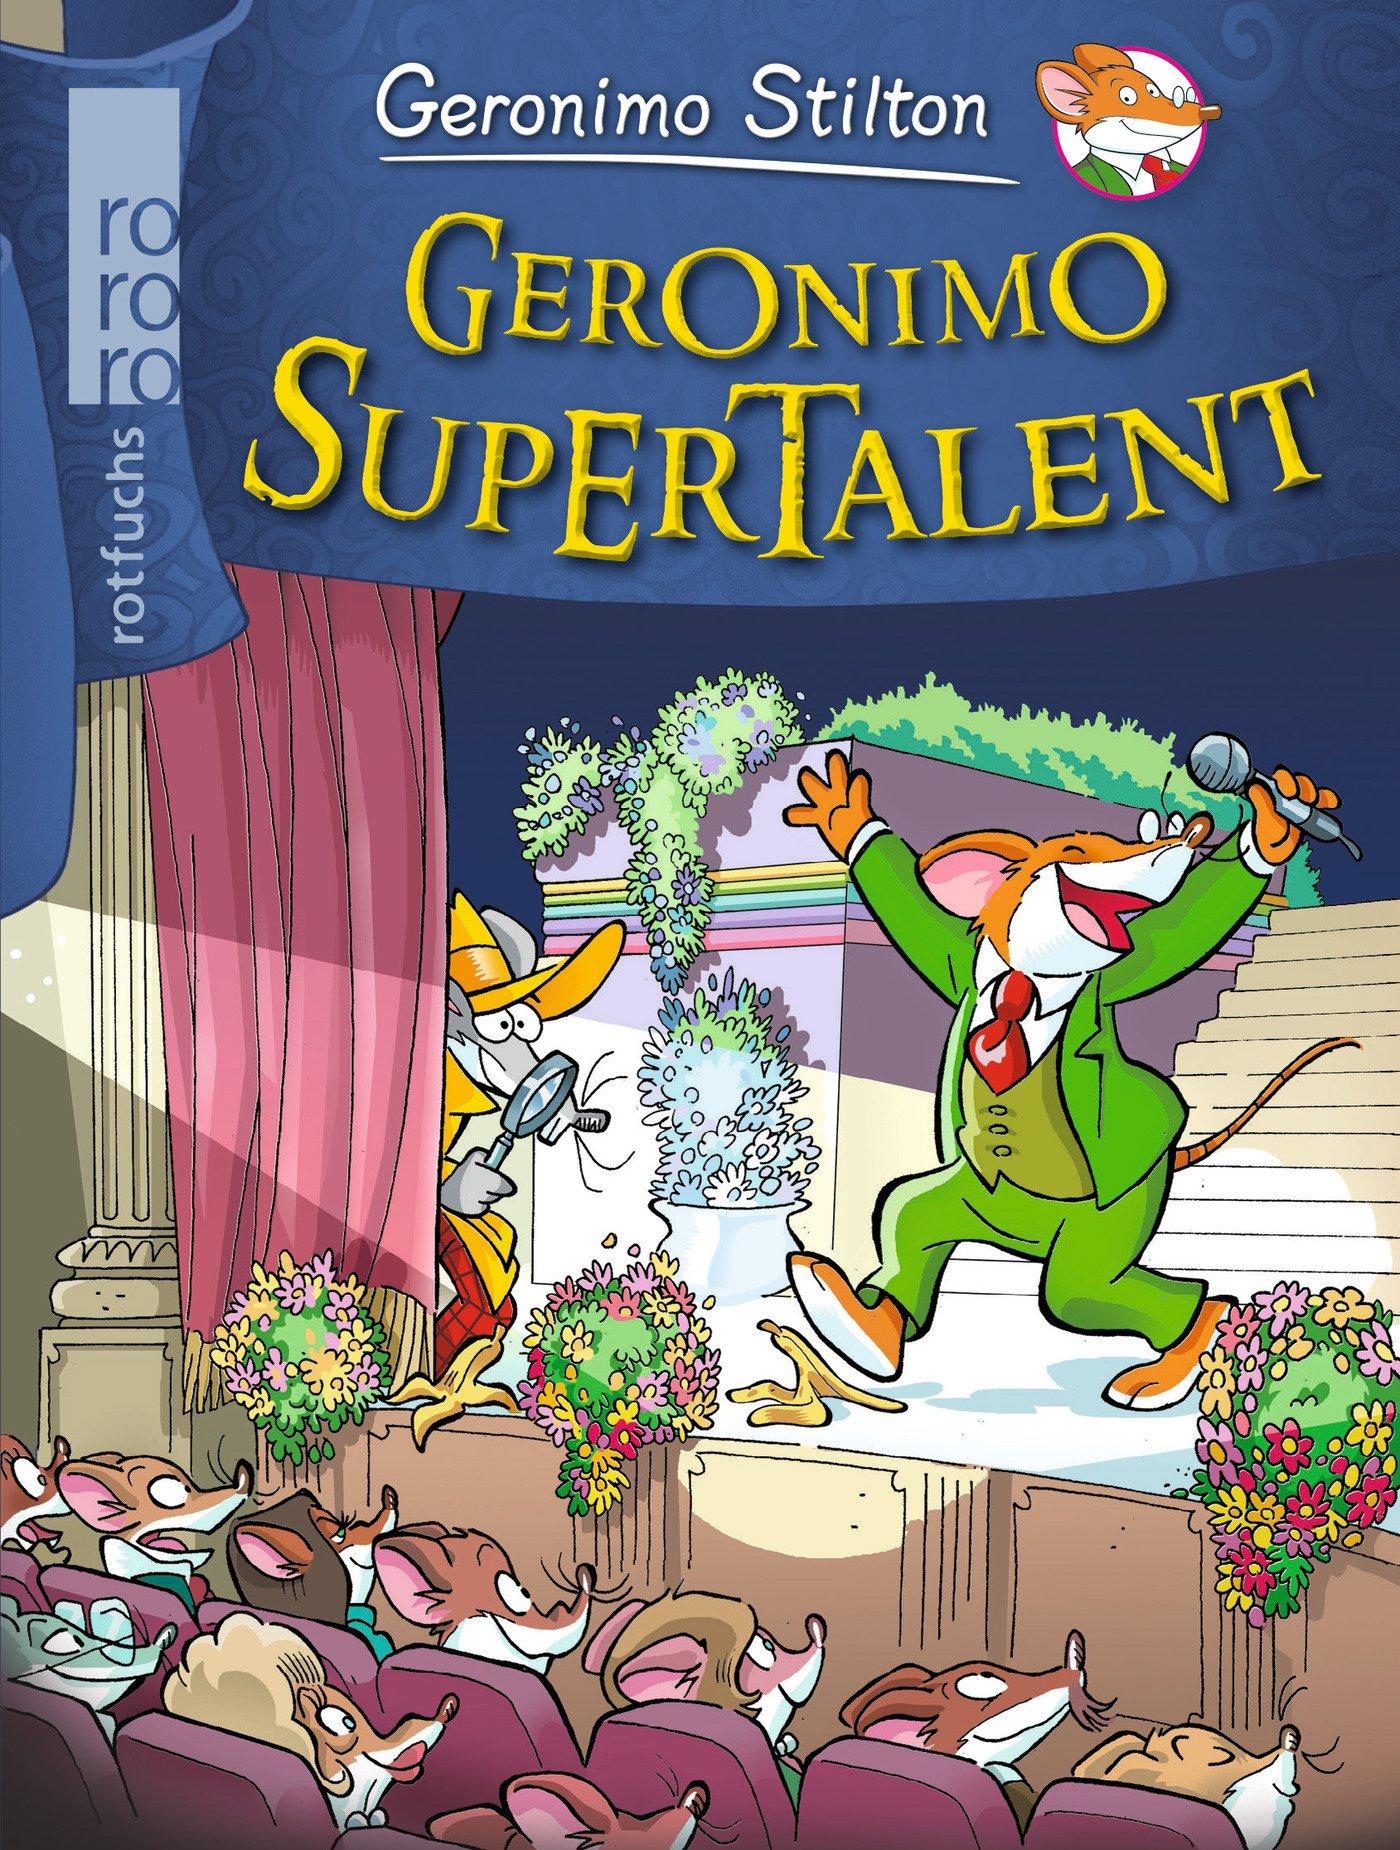 Geronimo Supertalent (Geronimo Stilton)